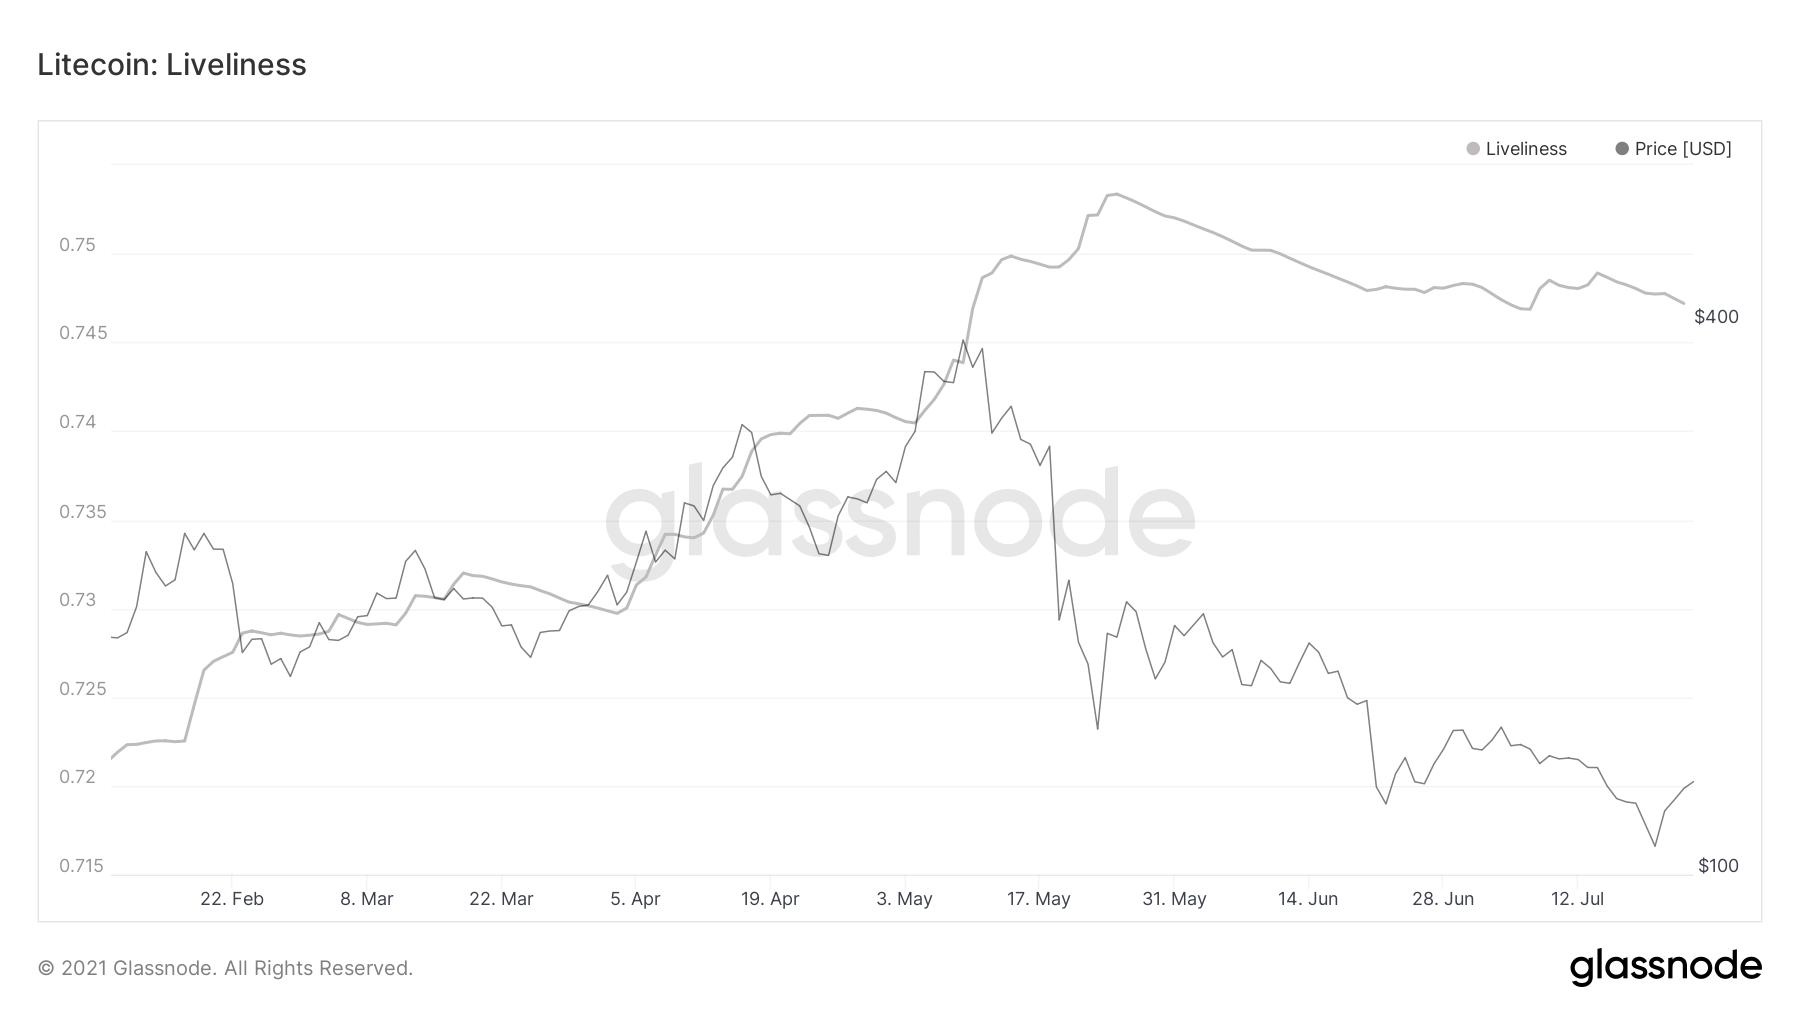 投資家がライトコインの価格を利用する方法は次のとおりです